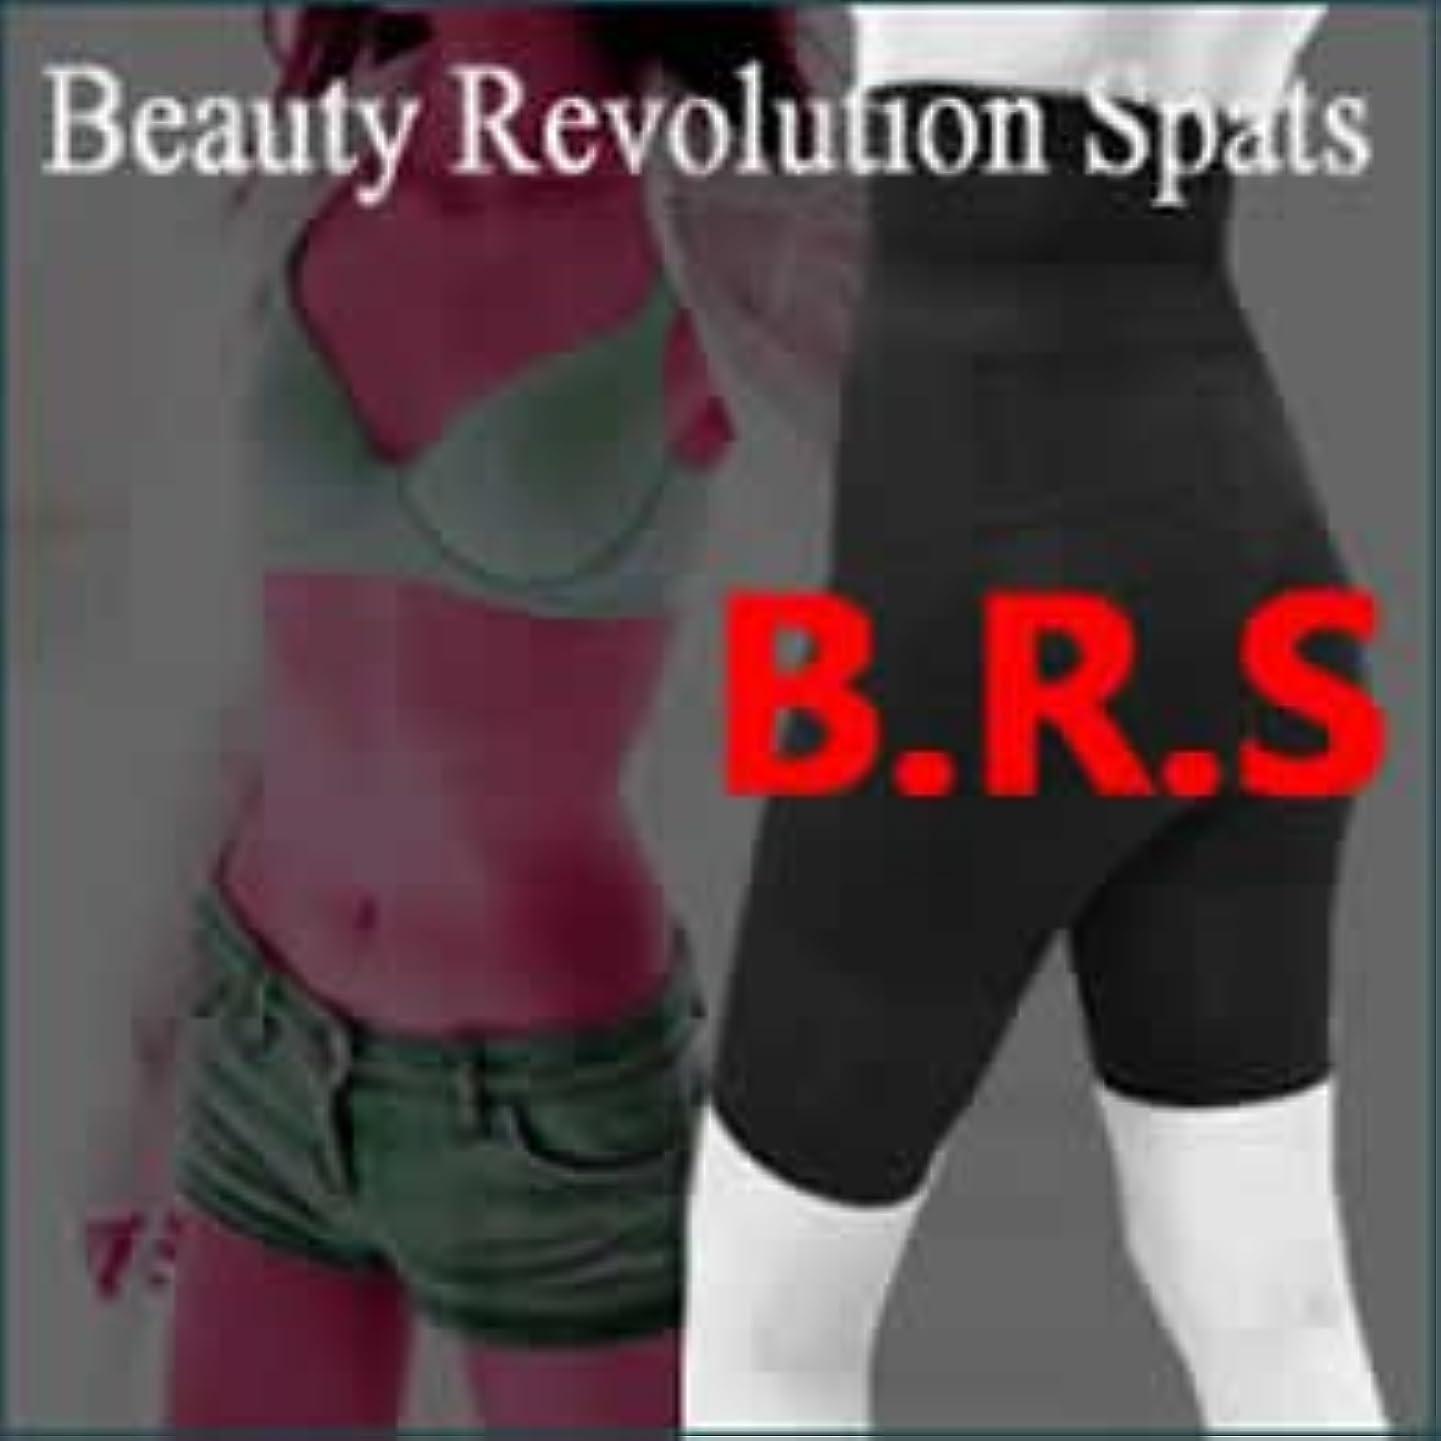 気絶させる広まった見えるB.R.S Mサイズ(360度可変圧着 骨盤矯正スパッツ)